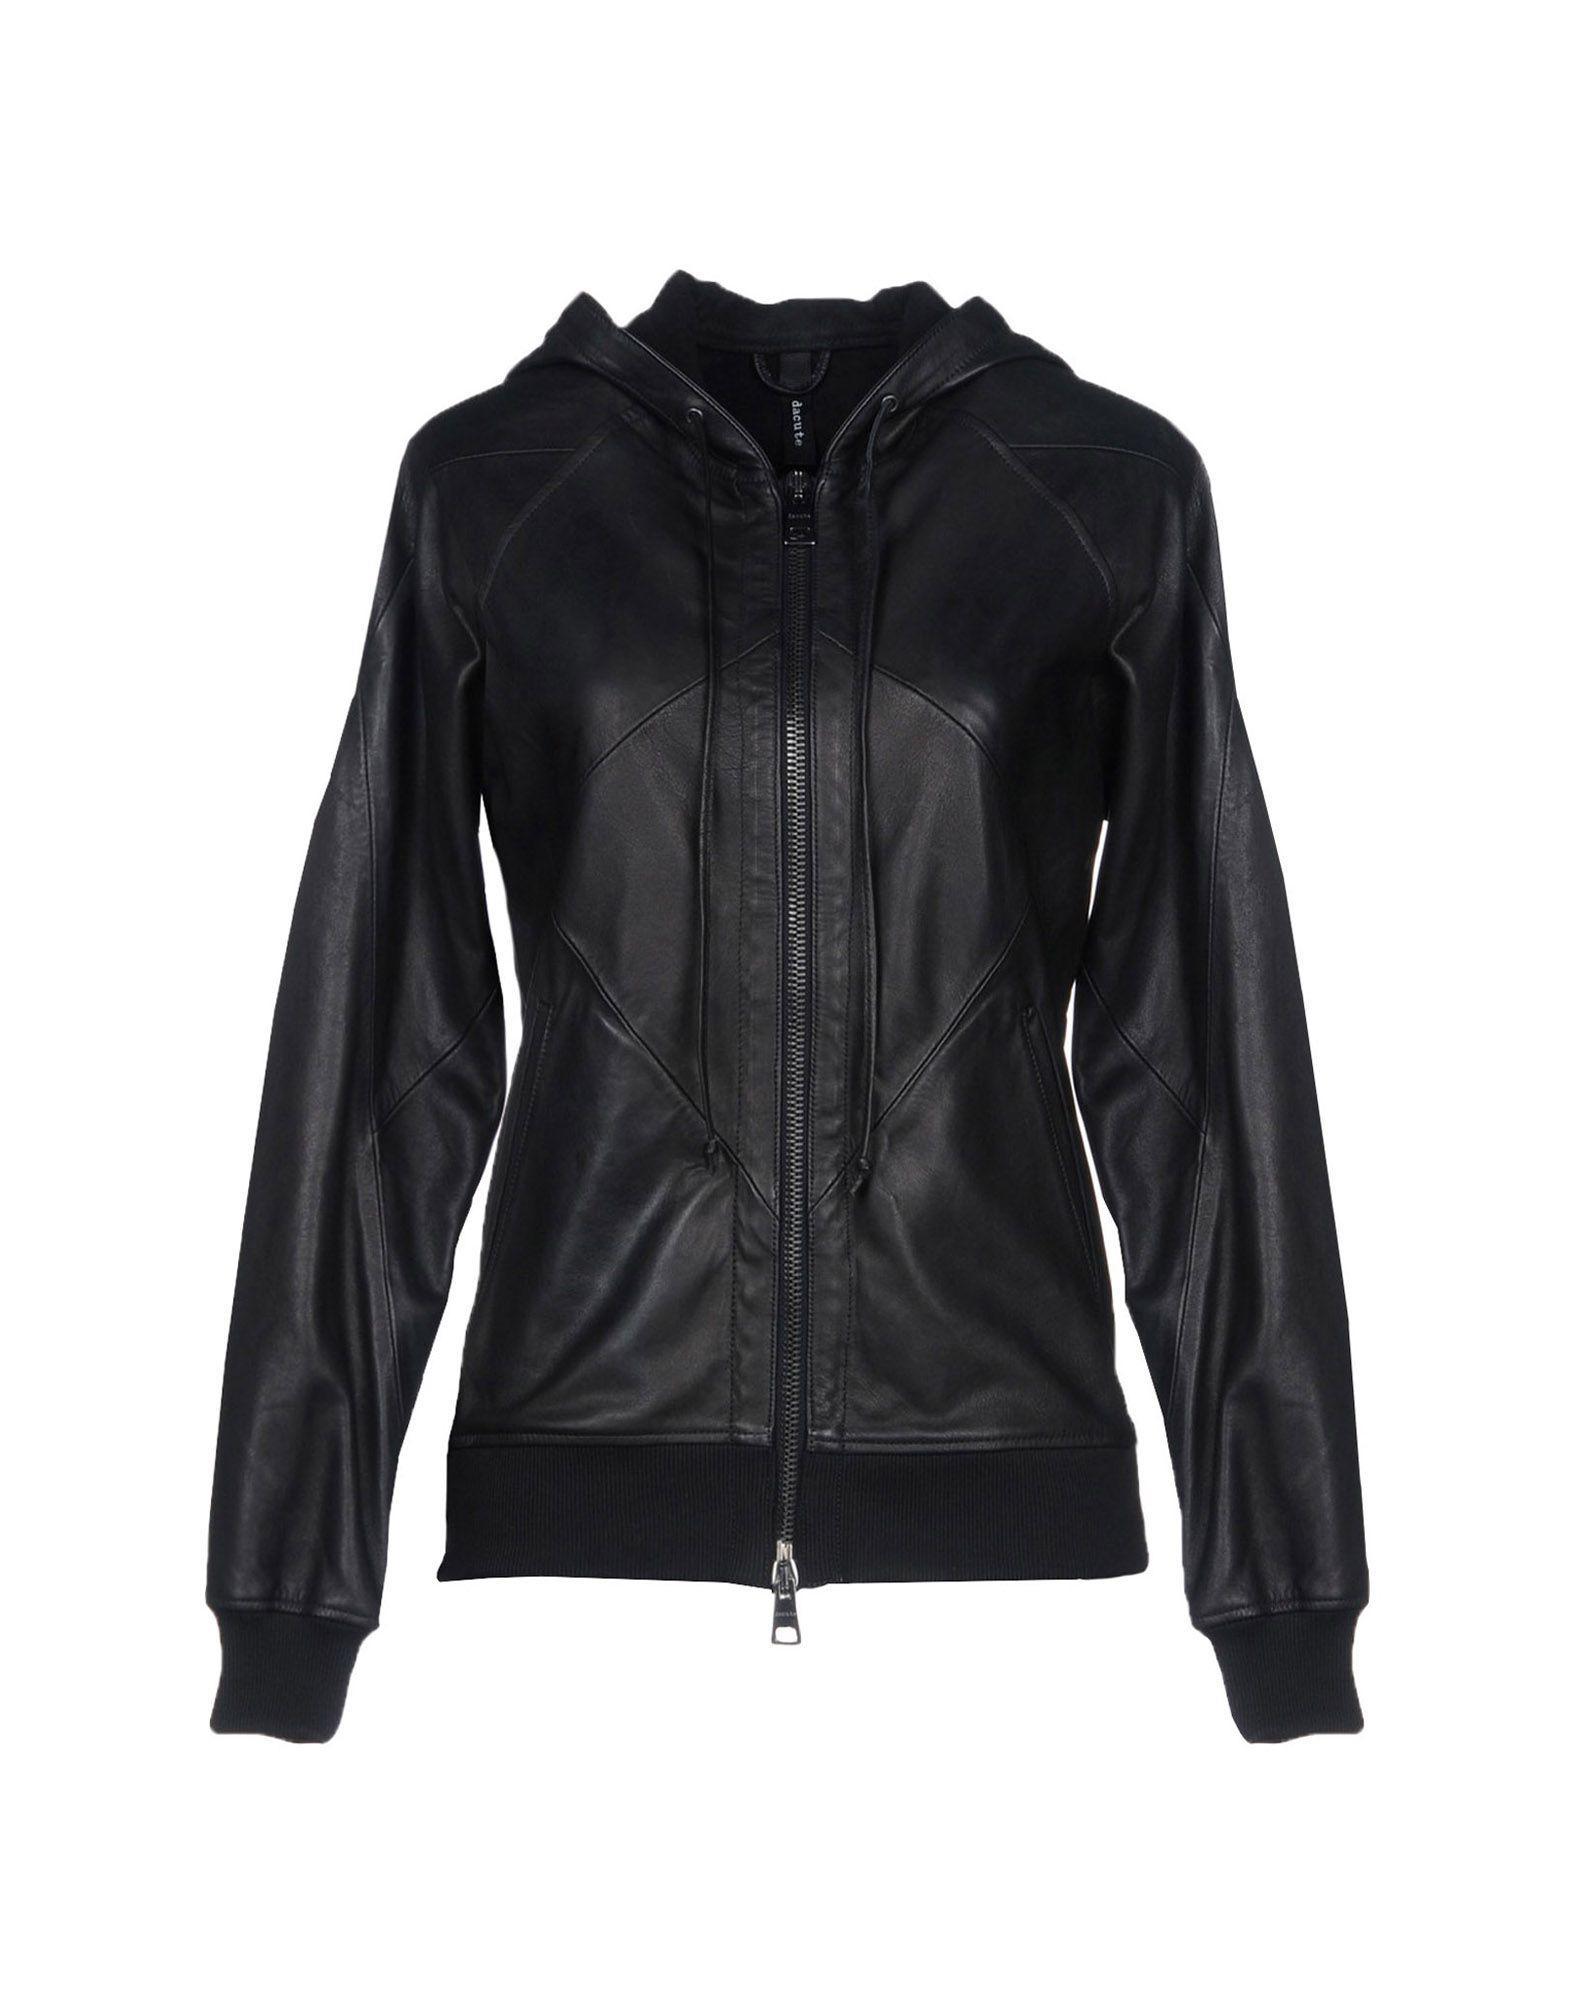 Dacute Jackets In Black